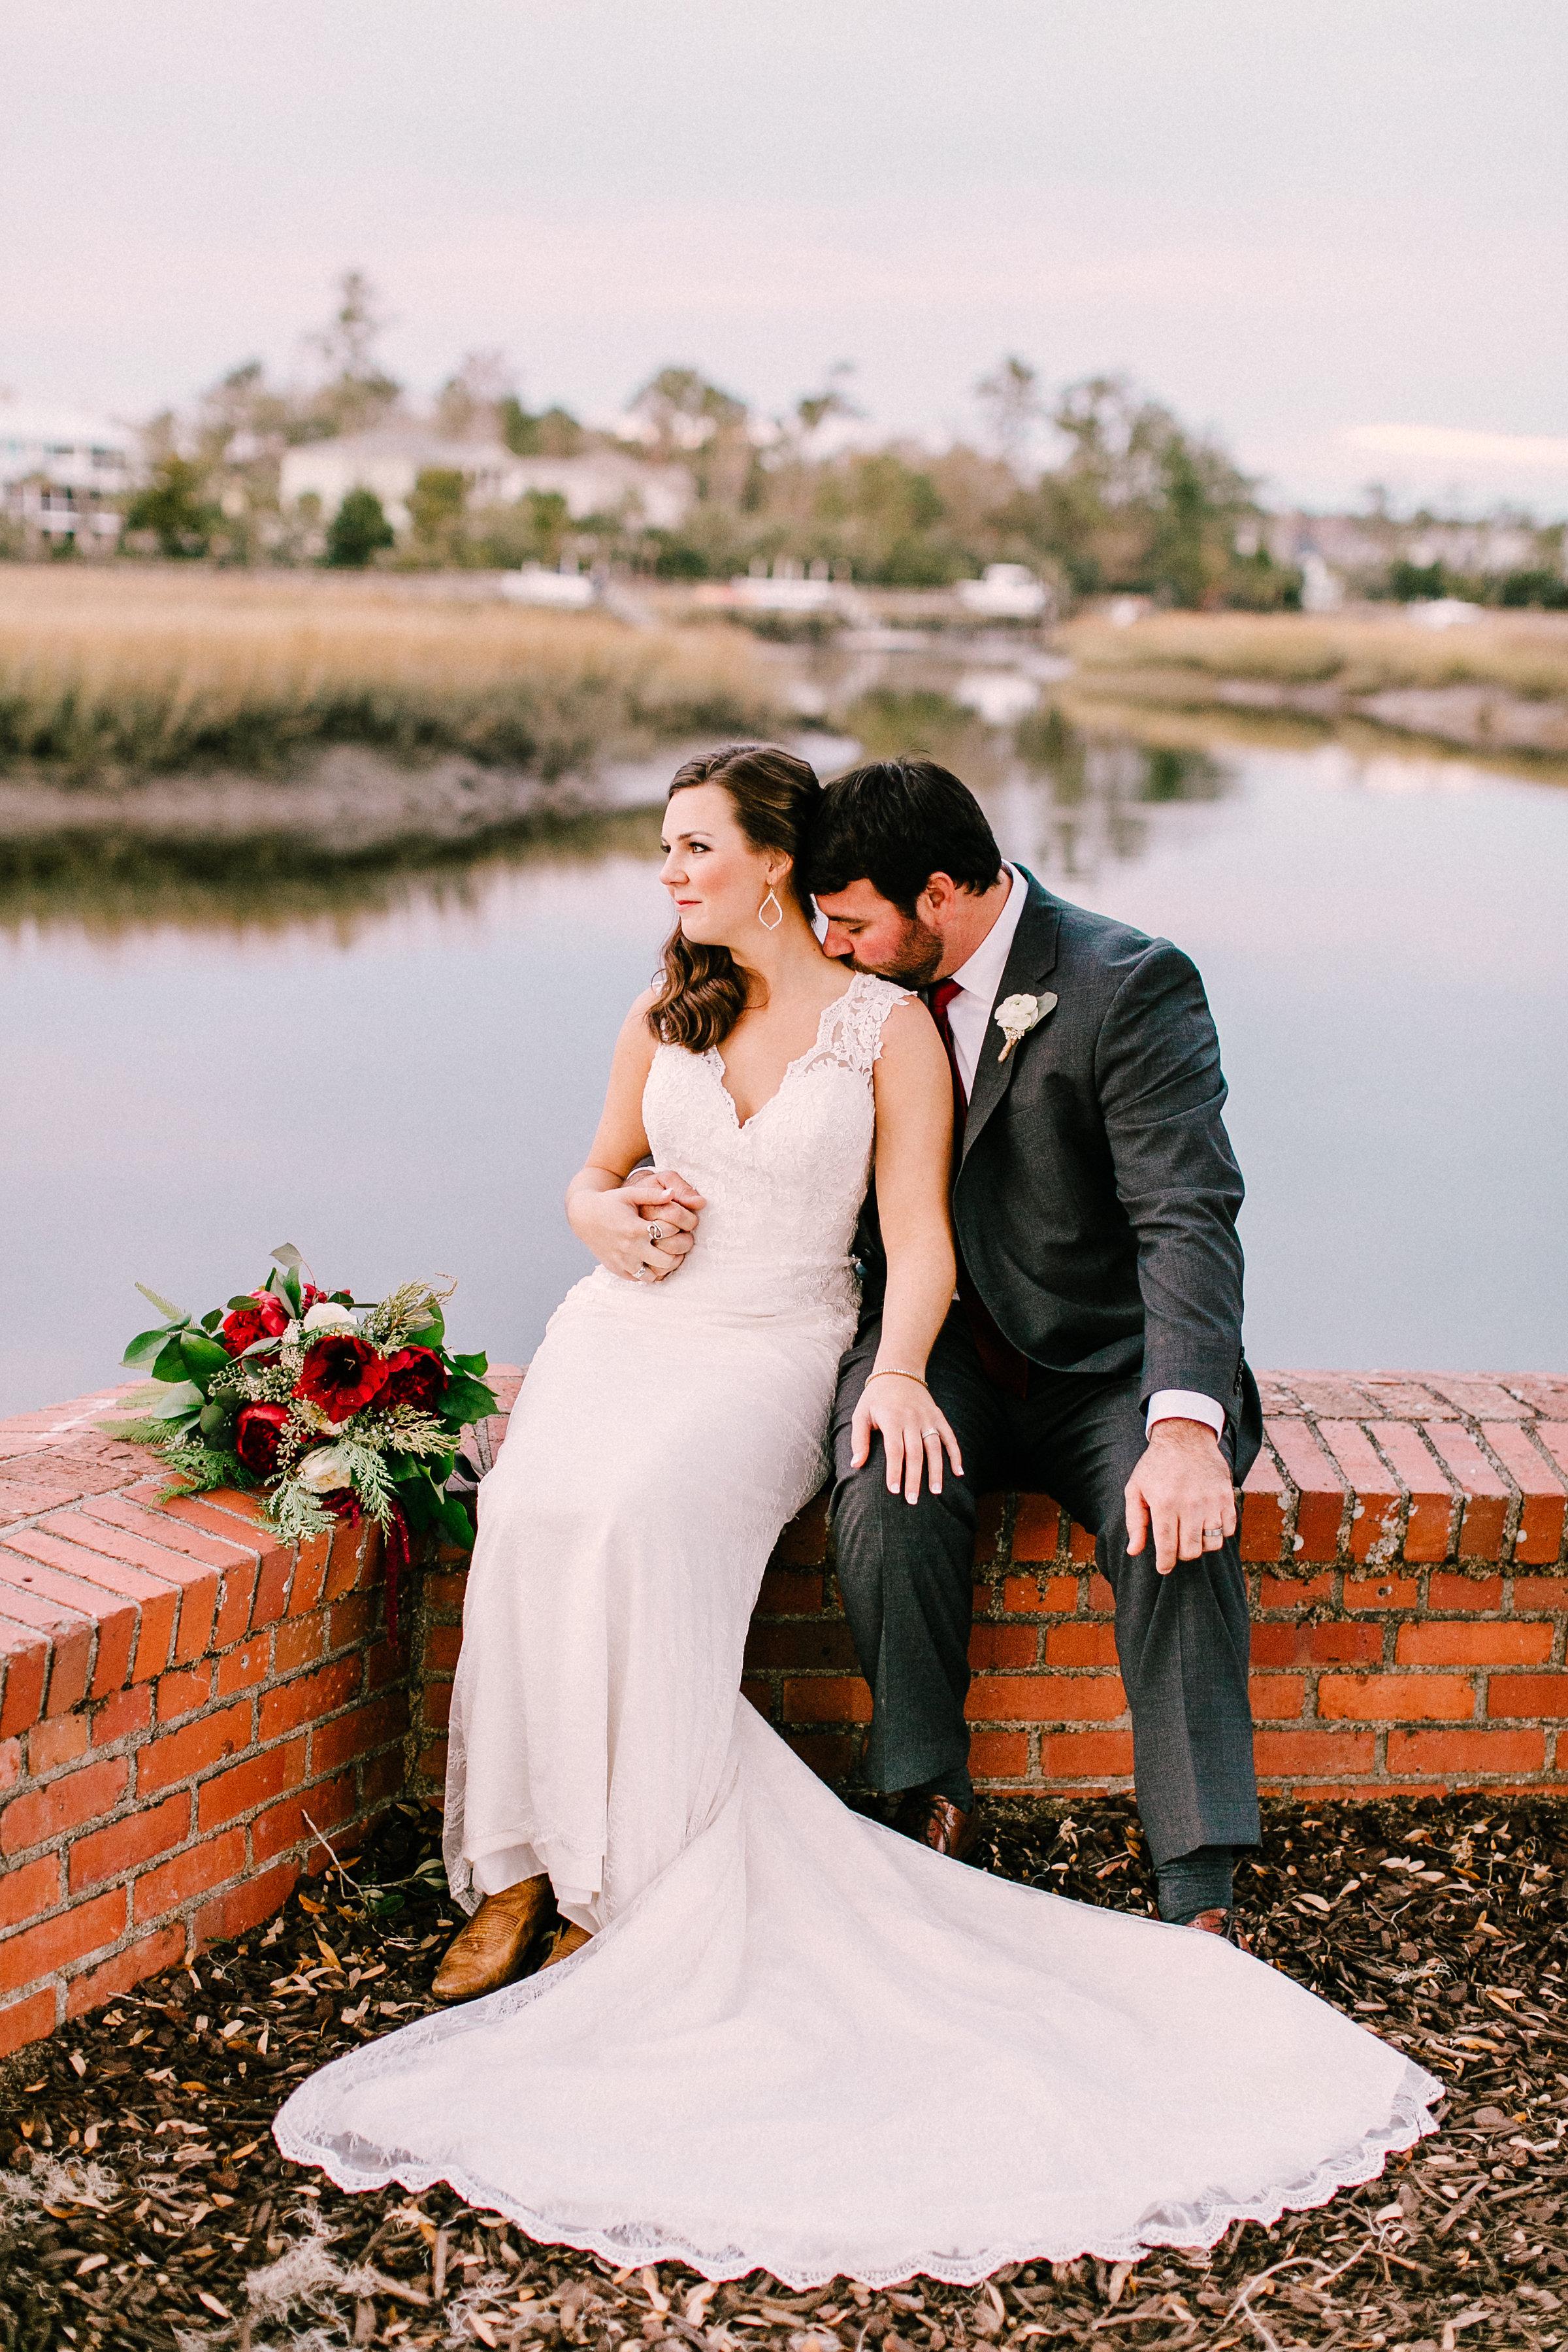 dunes-west-wedding-31.jpg